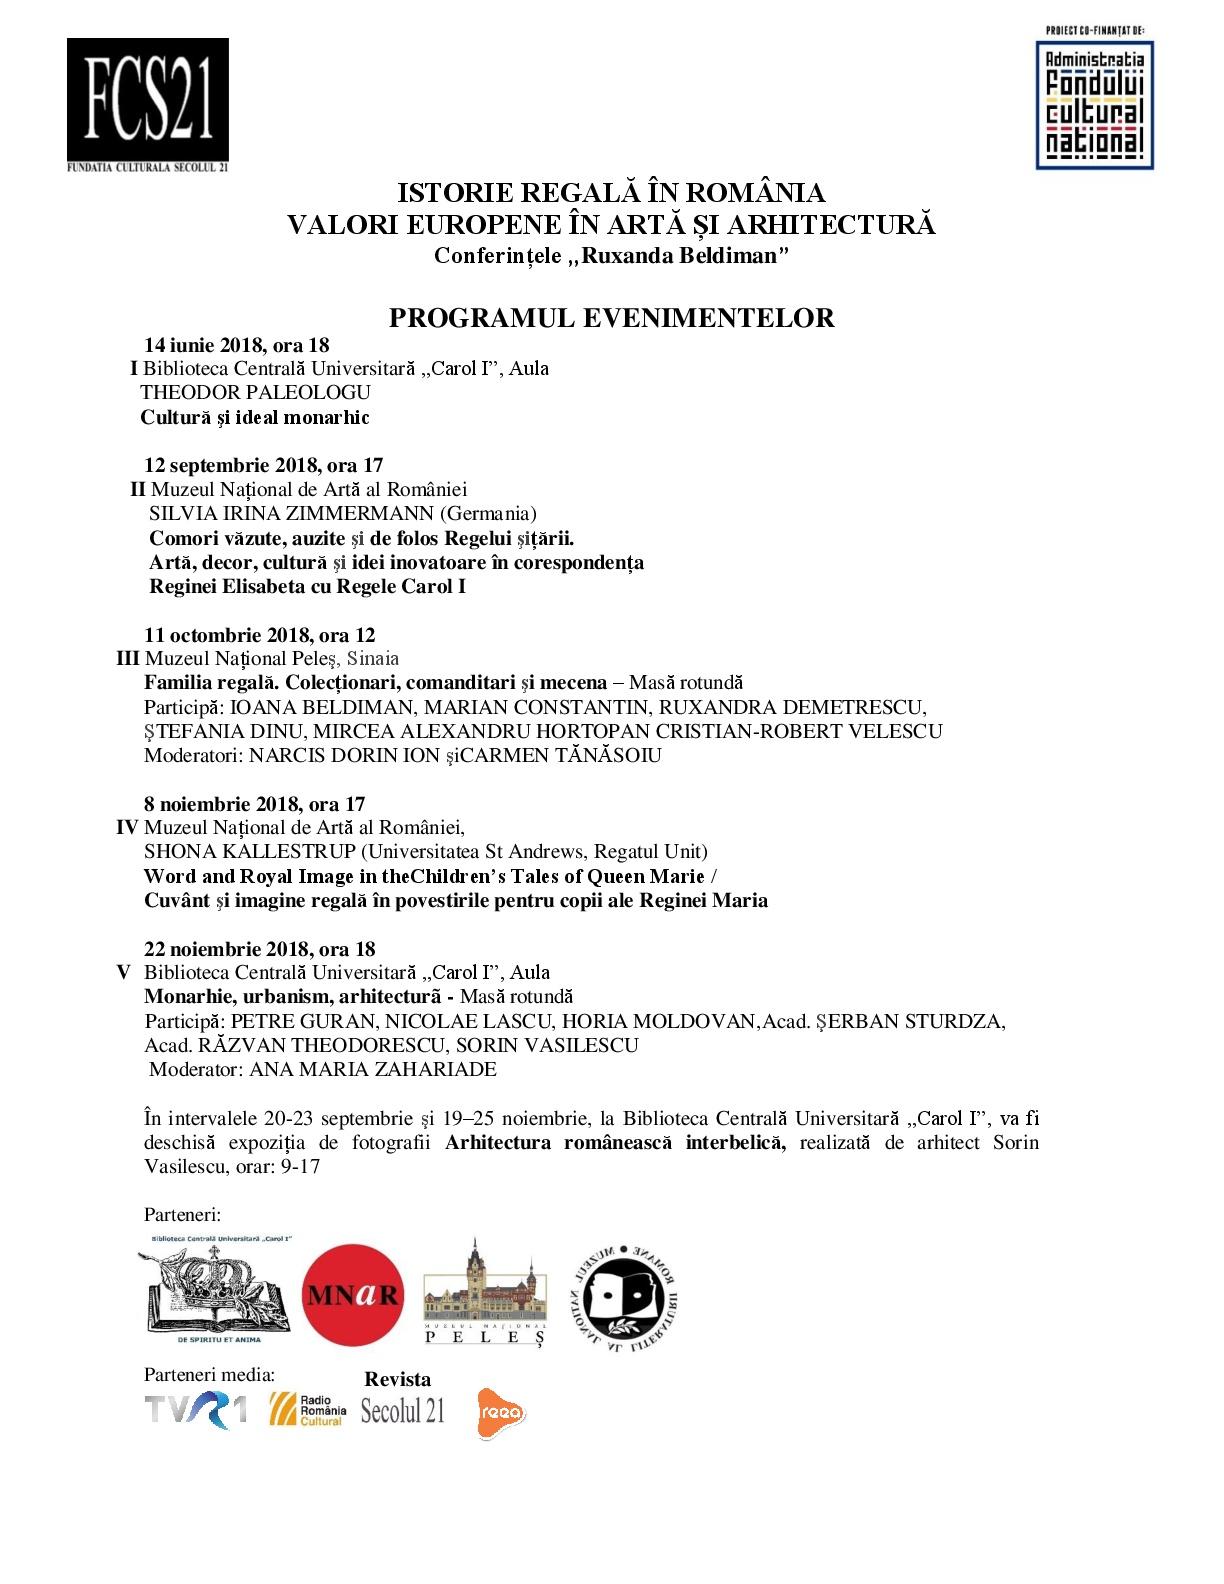 Programul evenimentelor-001